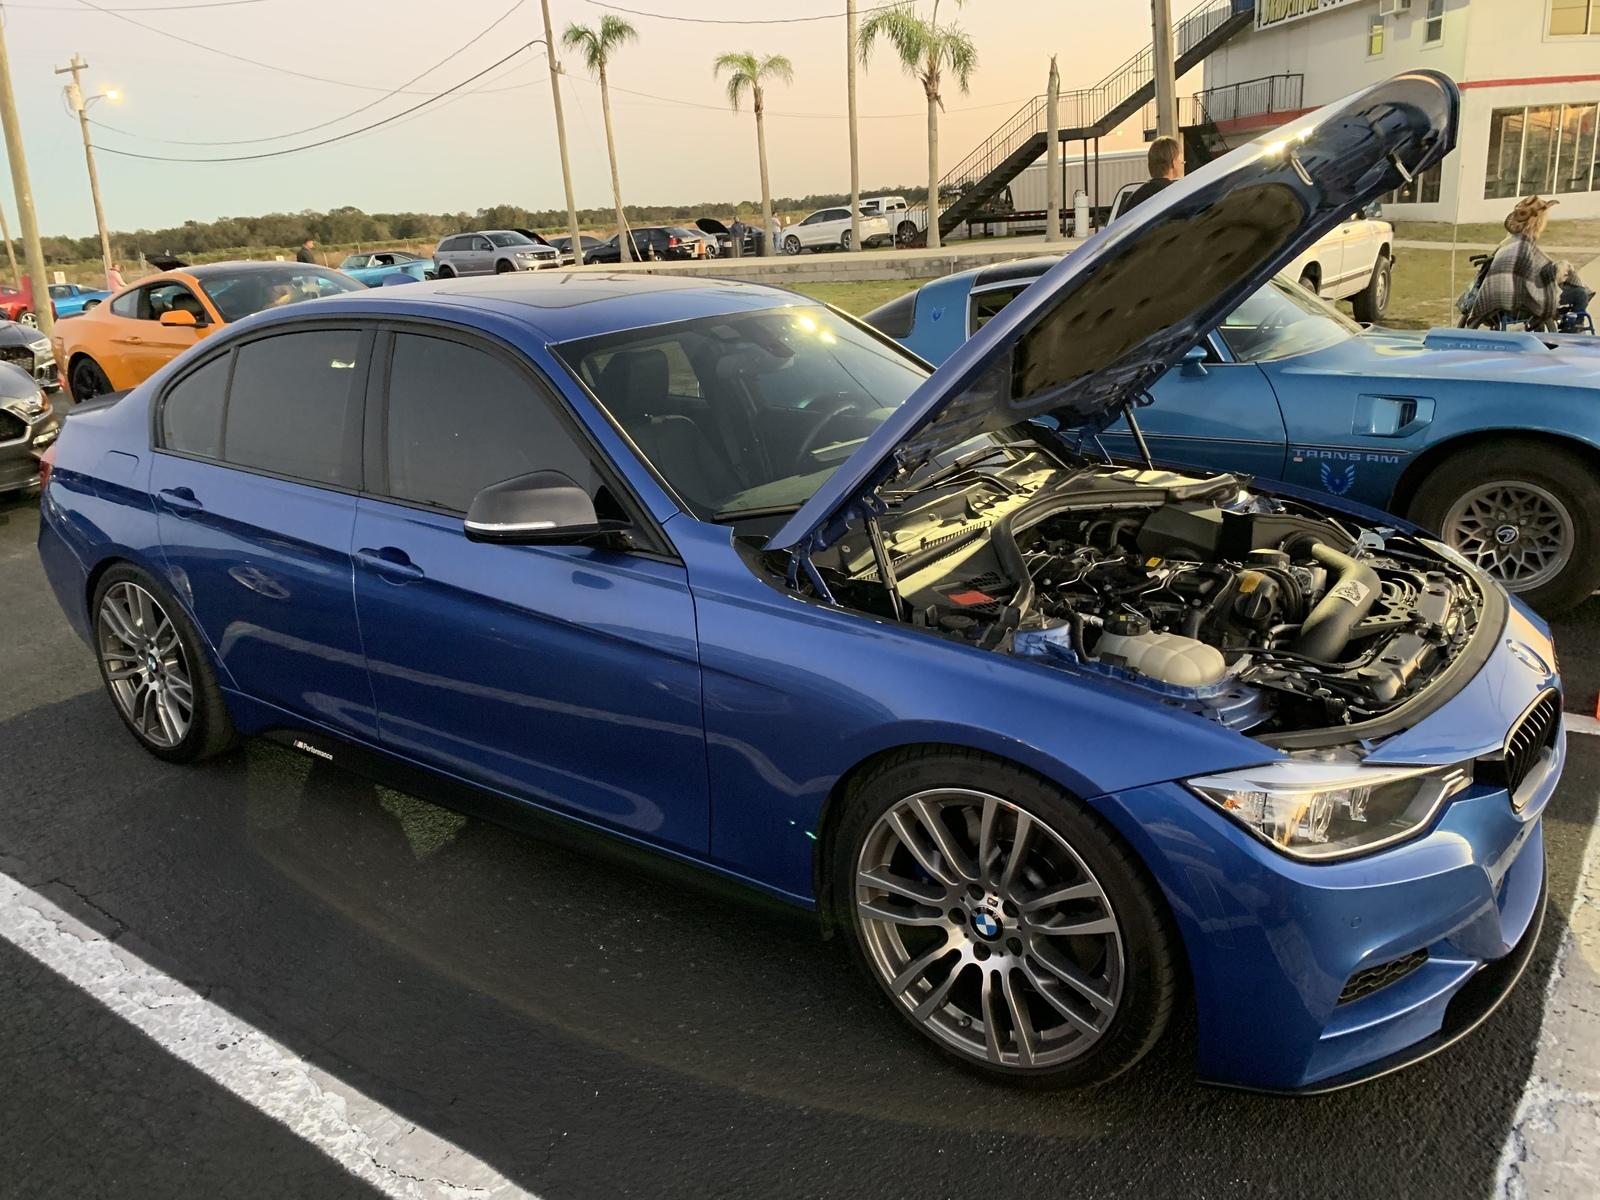 2014 BMW 335i 1/4 mile trap speeds 0-60 - DragTimes com